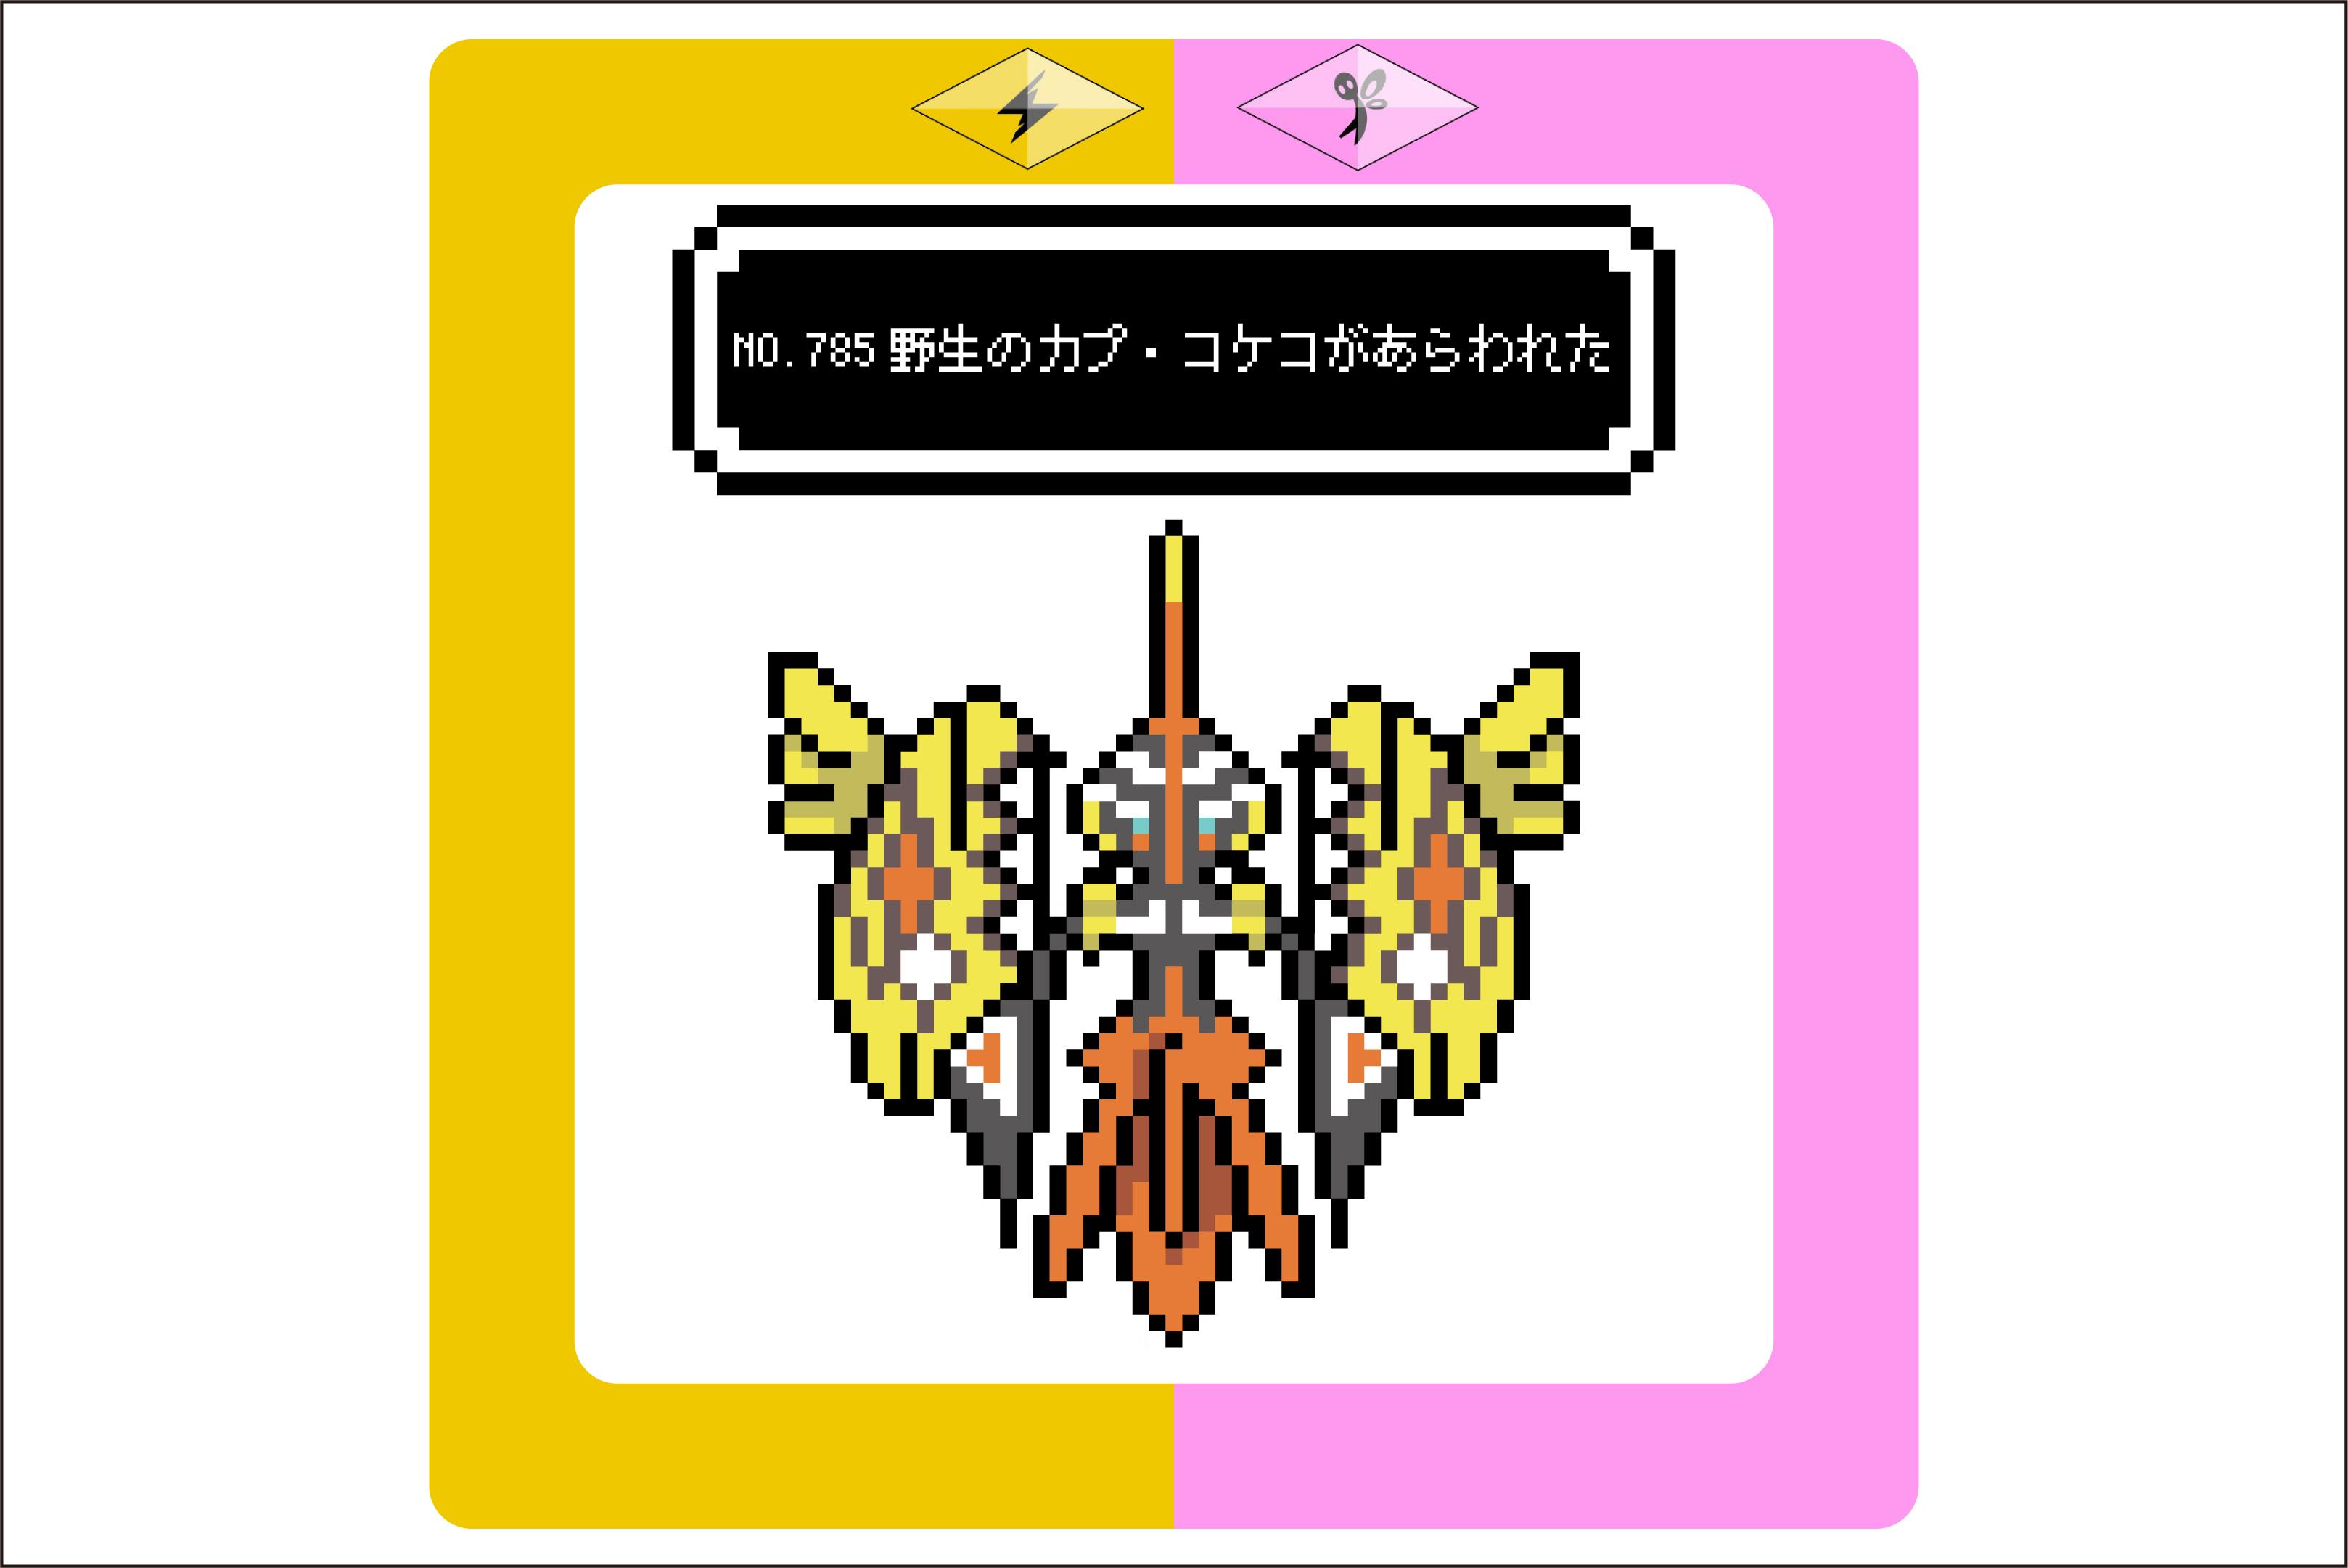 【ポケモン】カプ・コケコのアイロンビーズ図案【サン&ムーン】